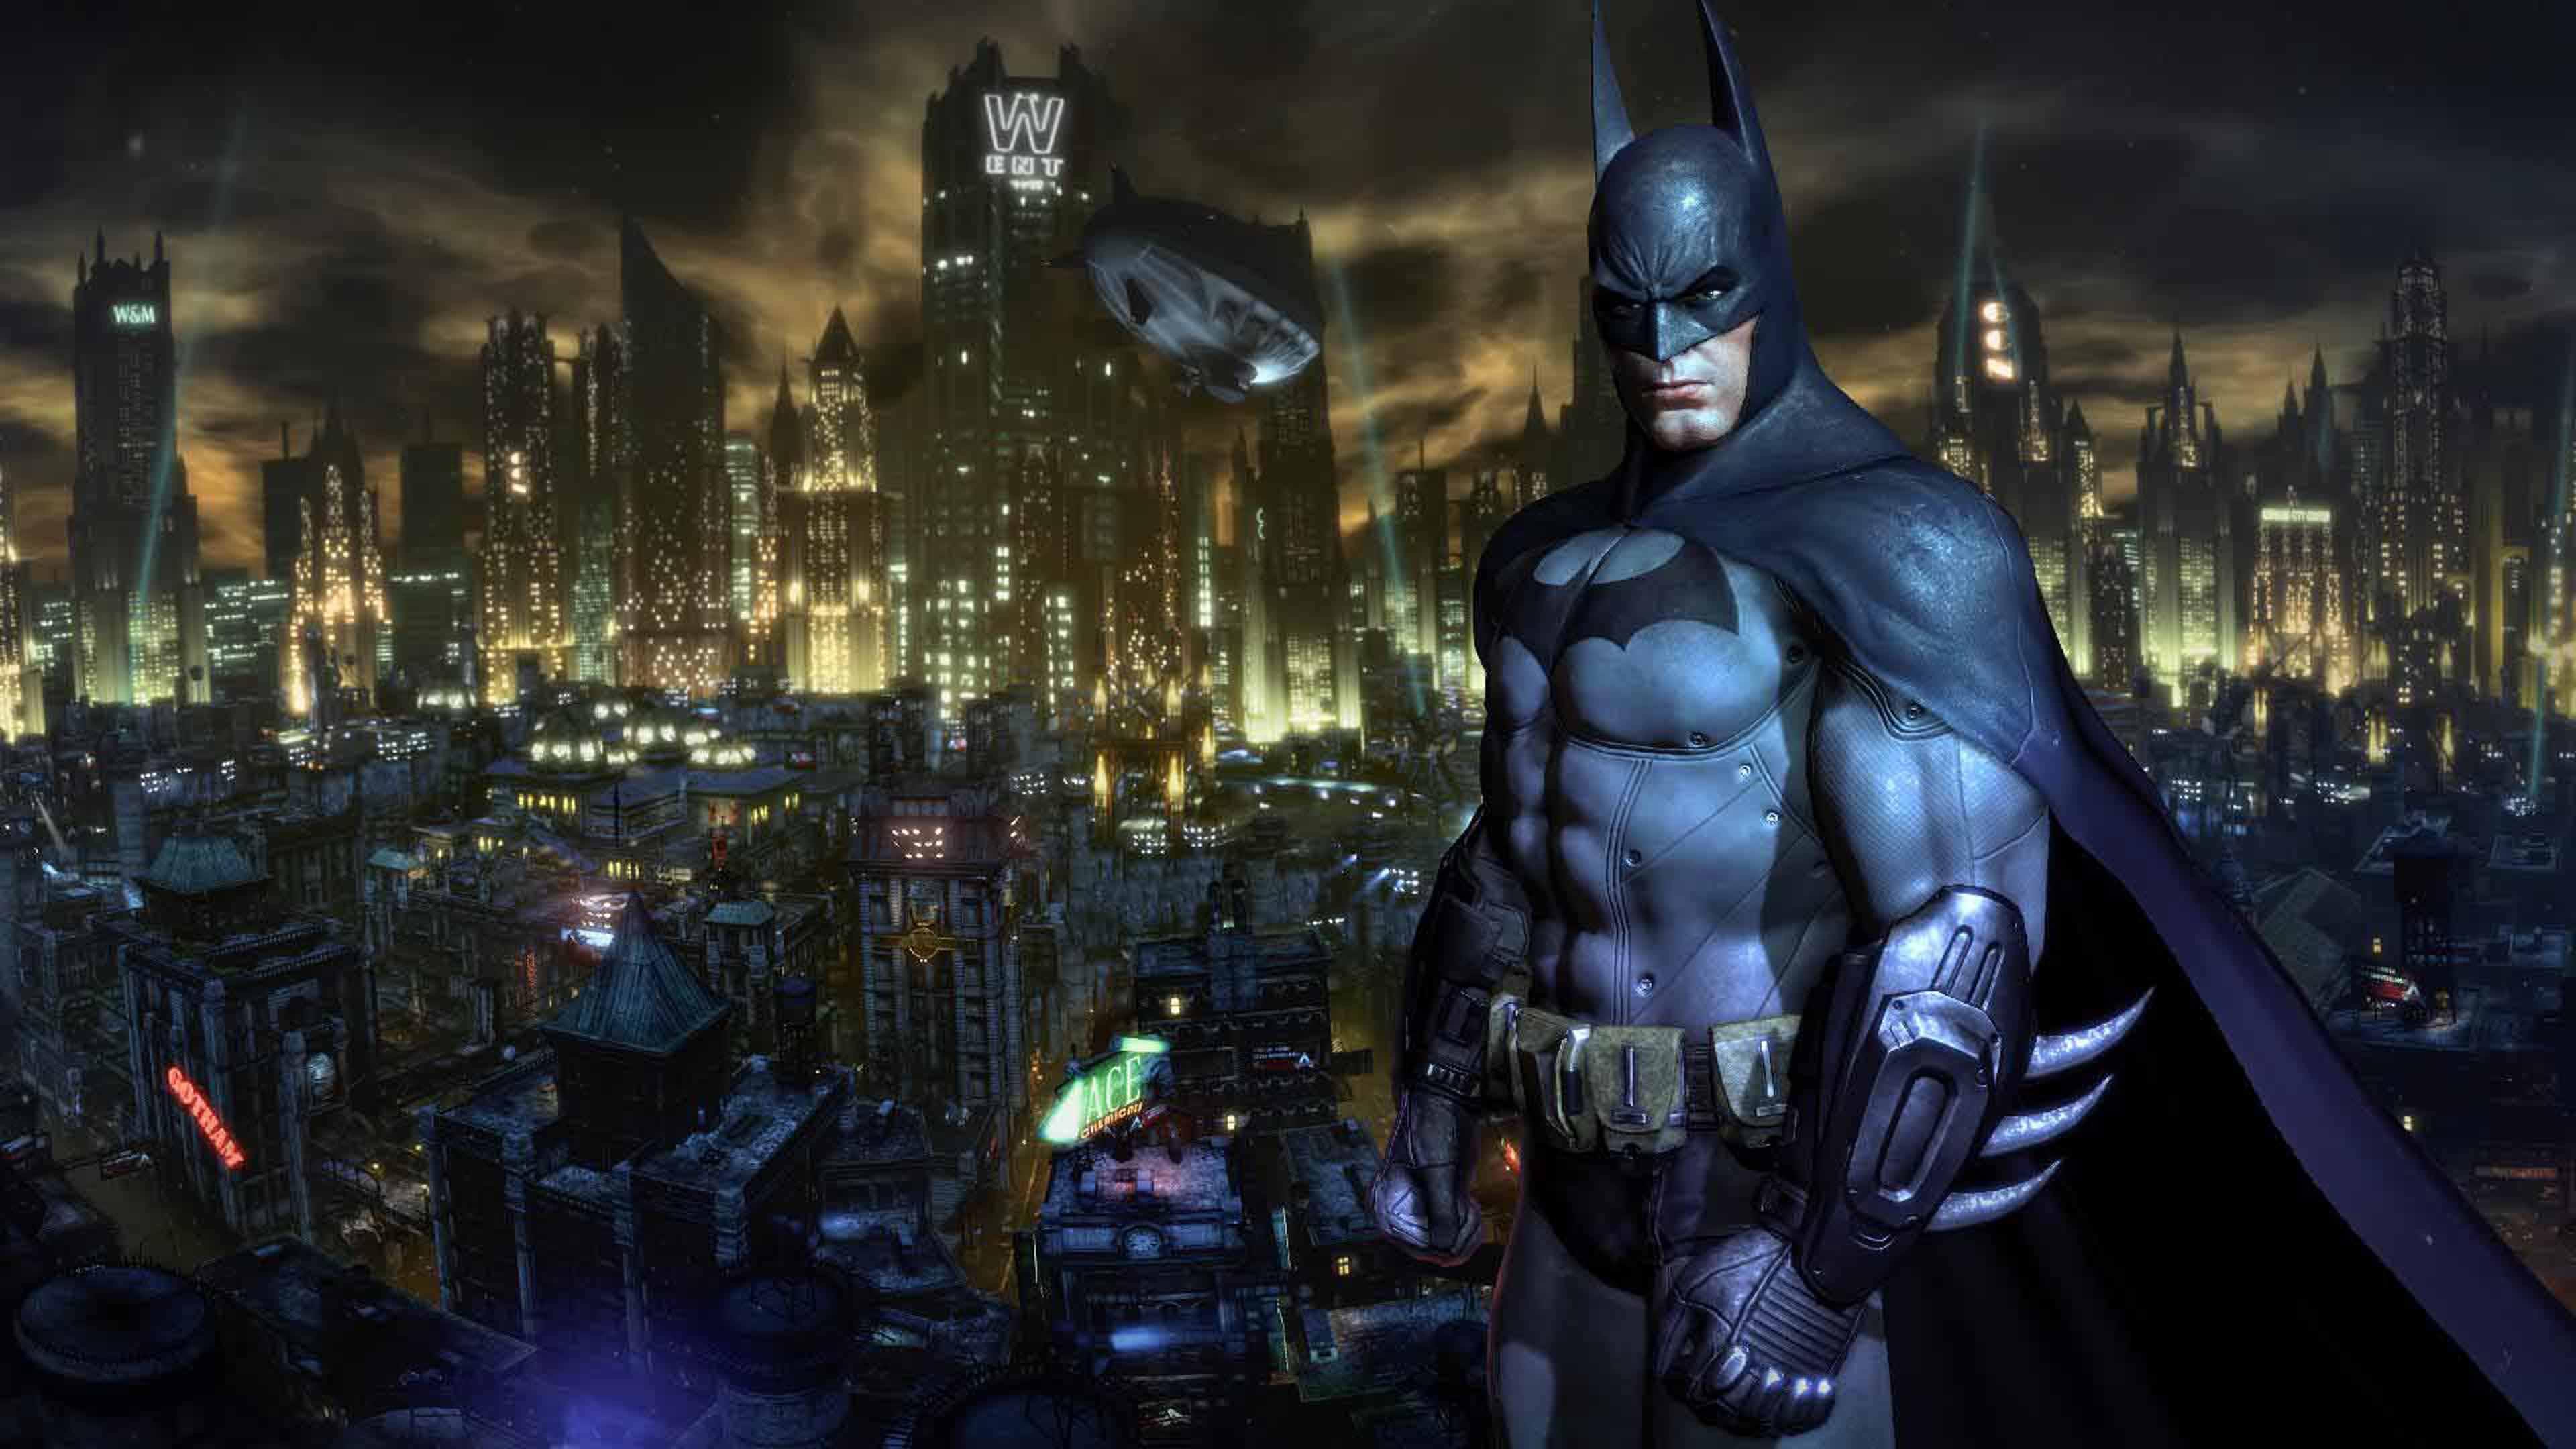 Batman Arkham Knight Black Hd Wallpaper 3840x2160